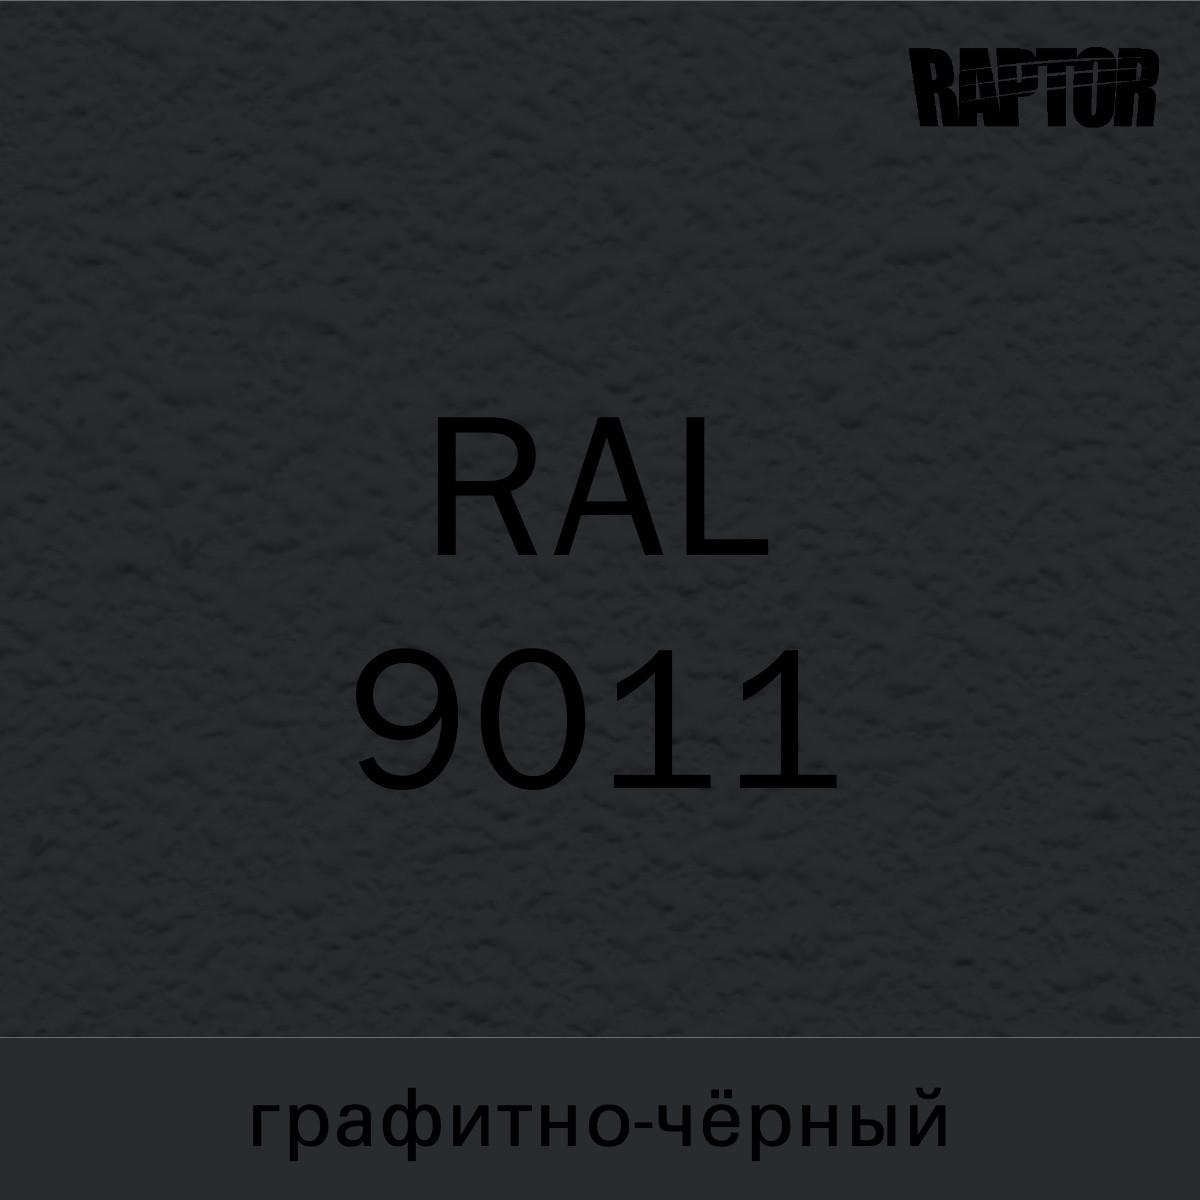 Пигмент для колеровки покрытия RAPTOR™ Графитового-черный (RAL 9011)